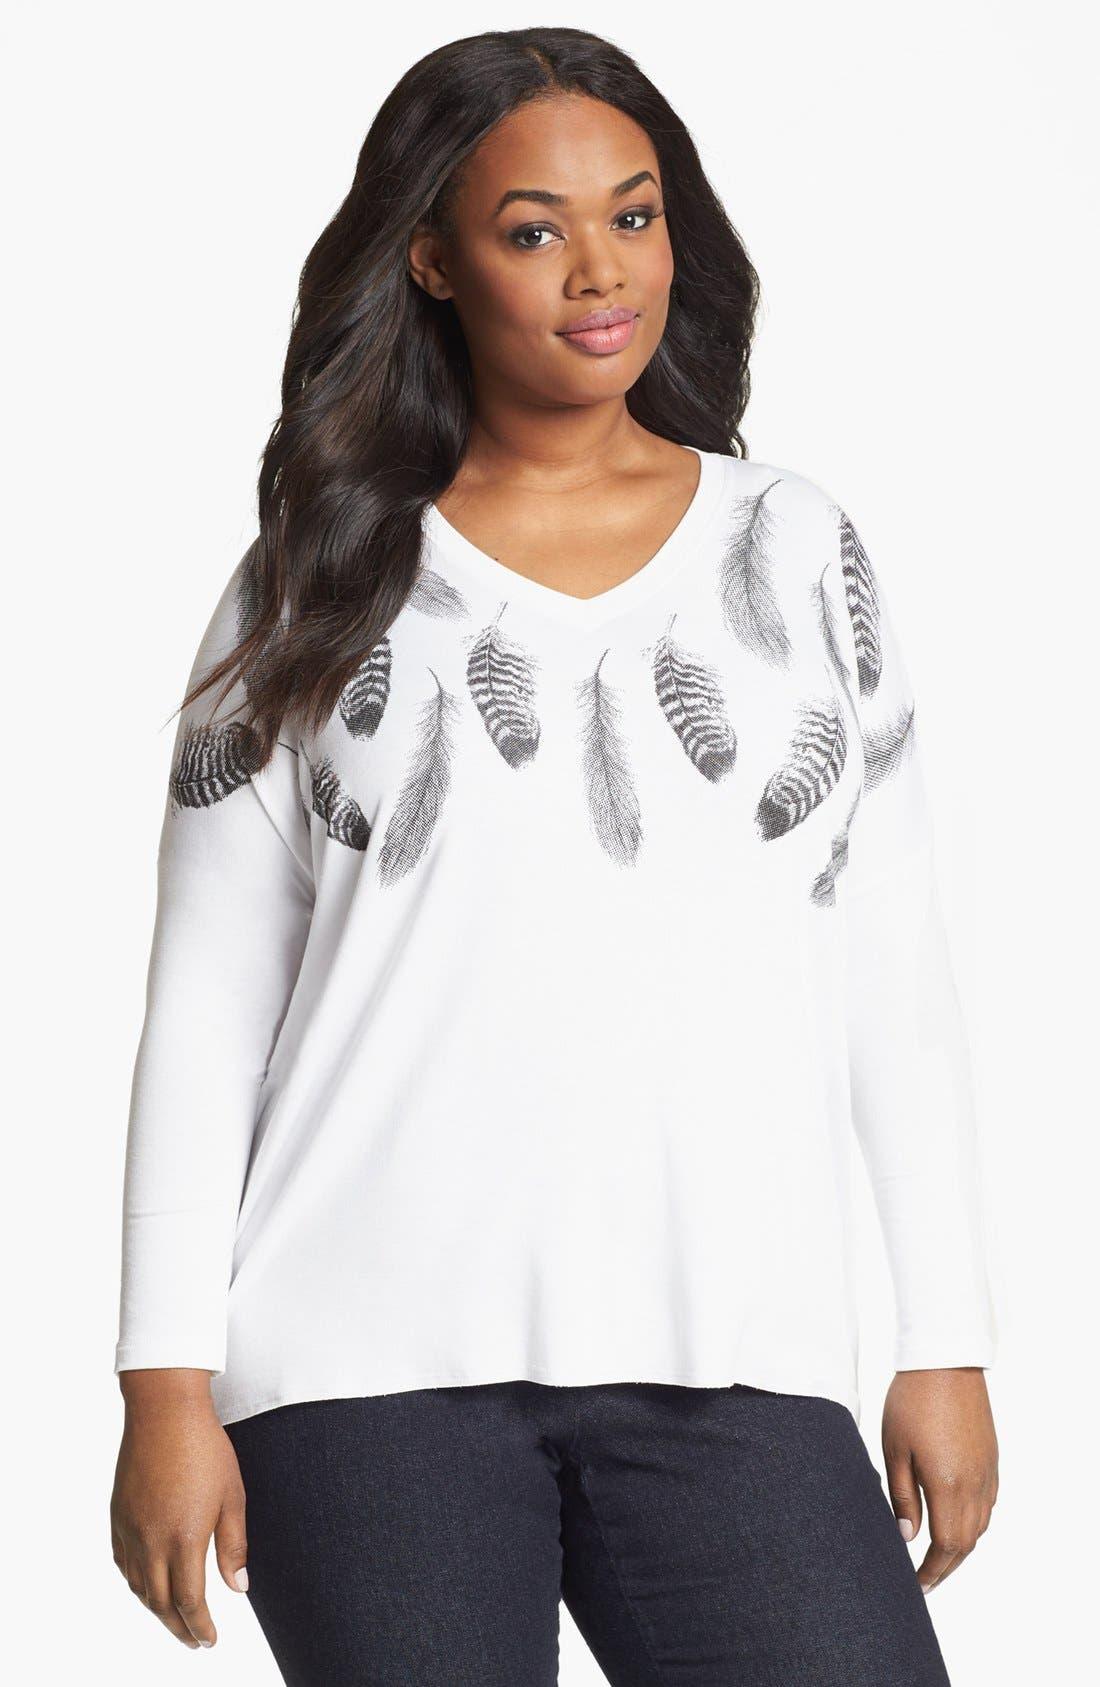 Alternate Image 1 Selected - Karen Kane Print Shirt (Plus Size)